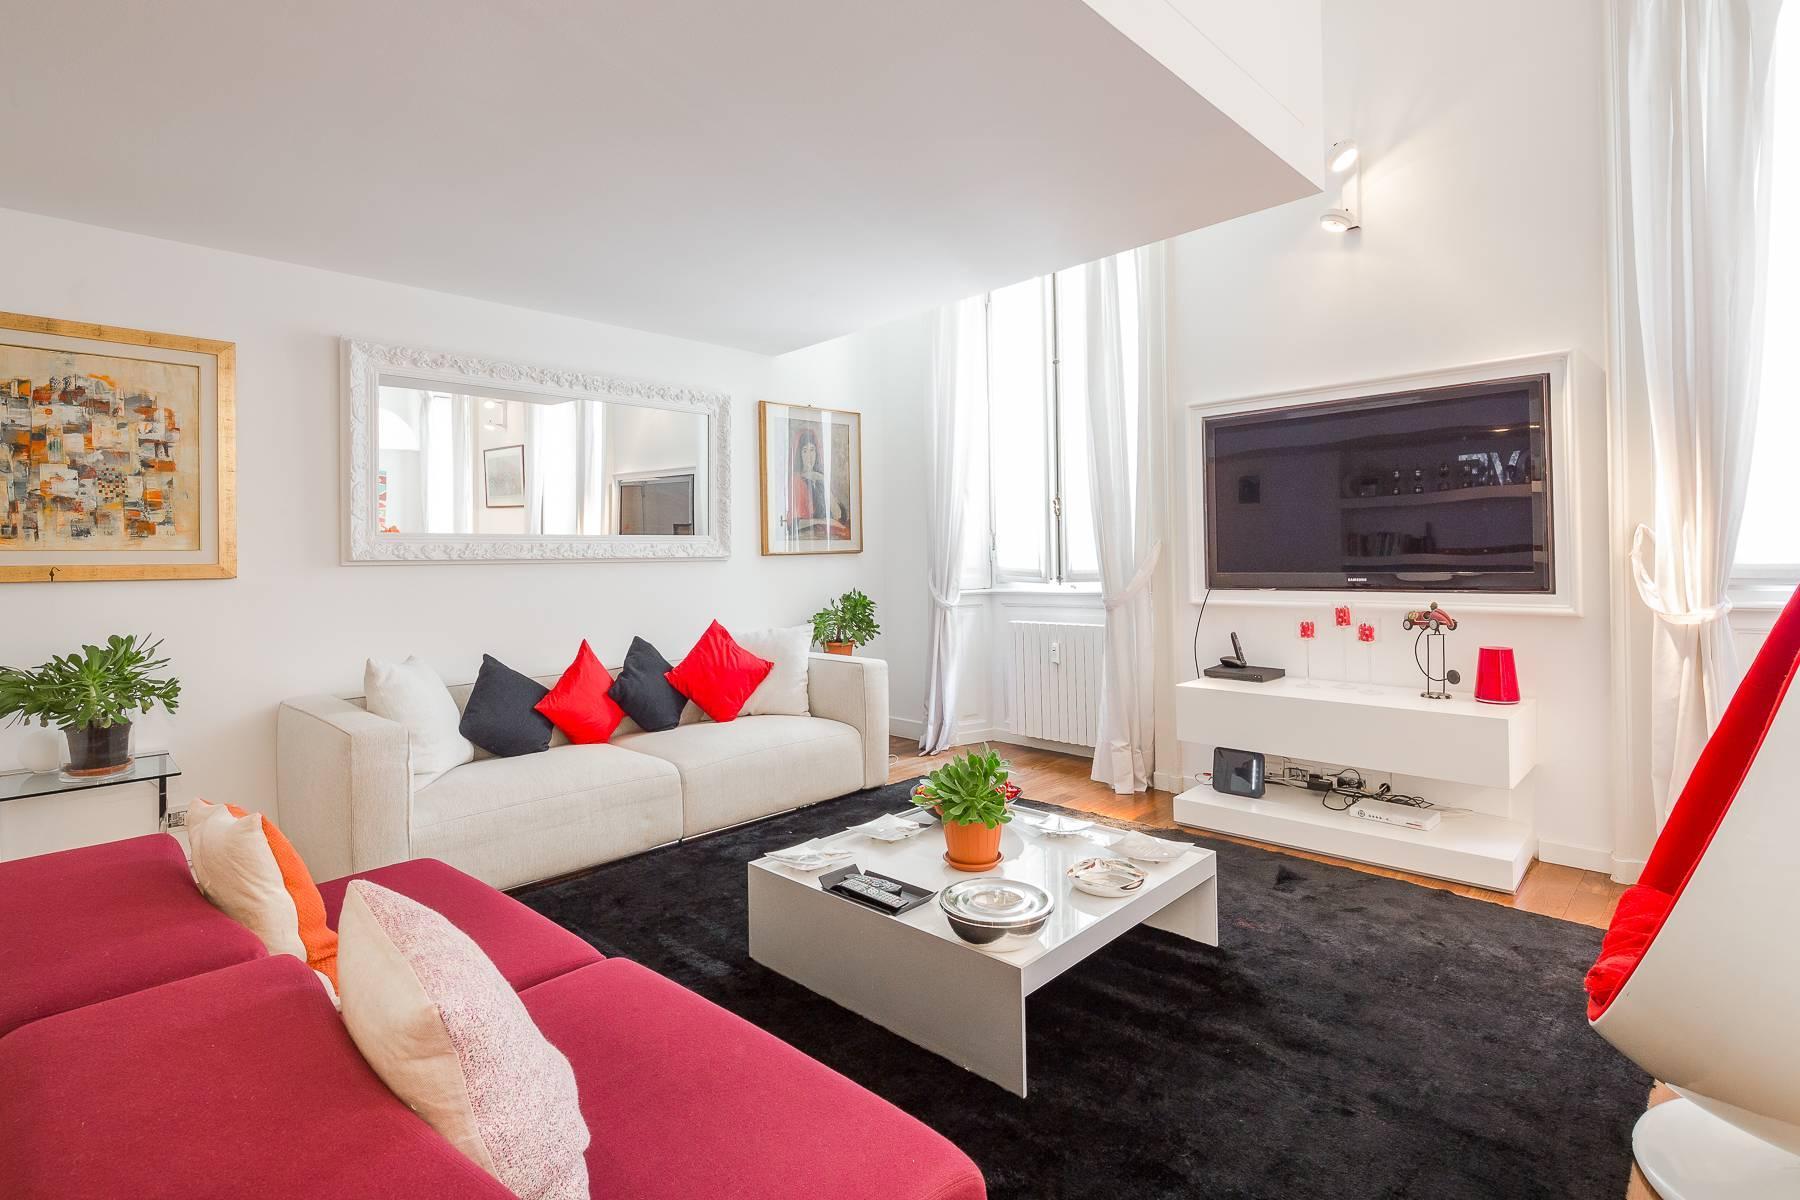 位于布雷拉区Via Montebello与De Marchi交汇处的公寓/复式 - 20